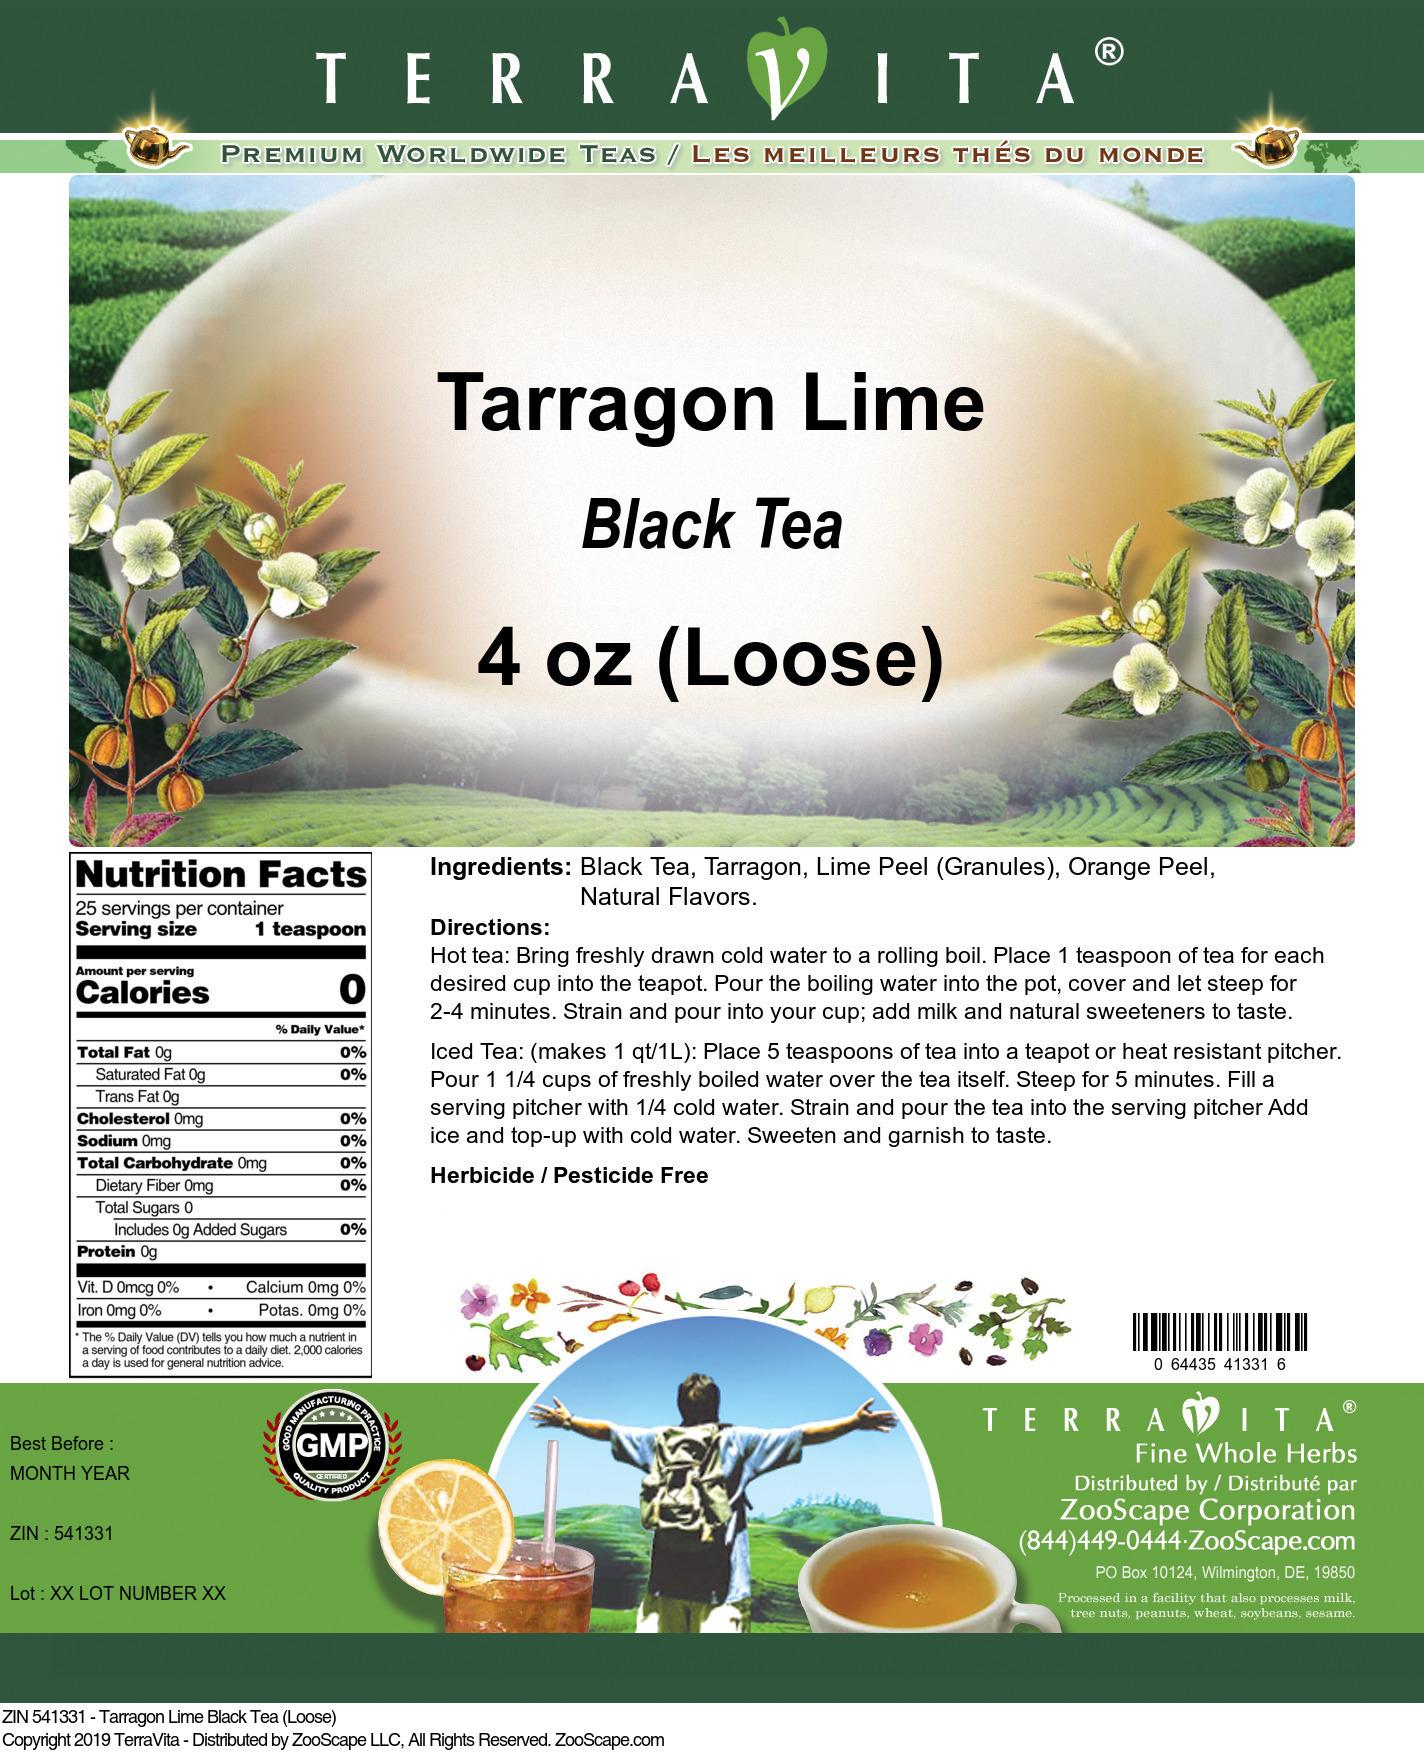 Tarragon Lime Black Tea (Loose)